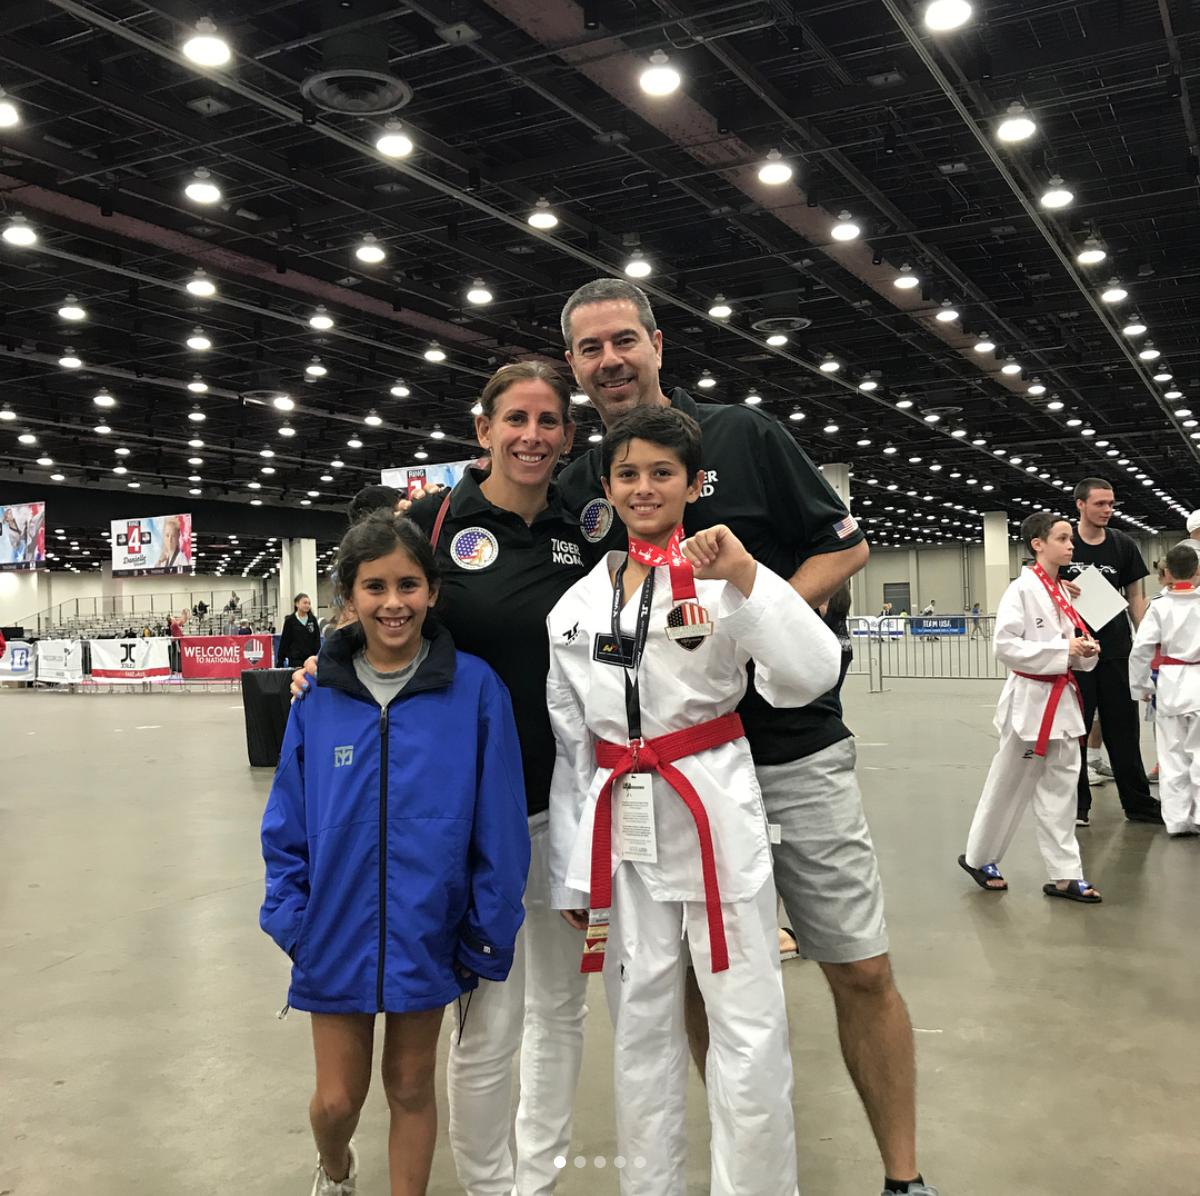 2017 National Taekwondo Competition